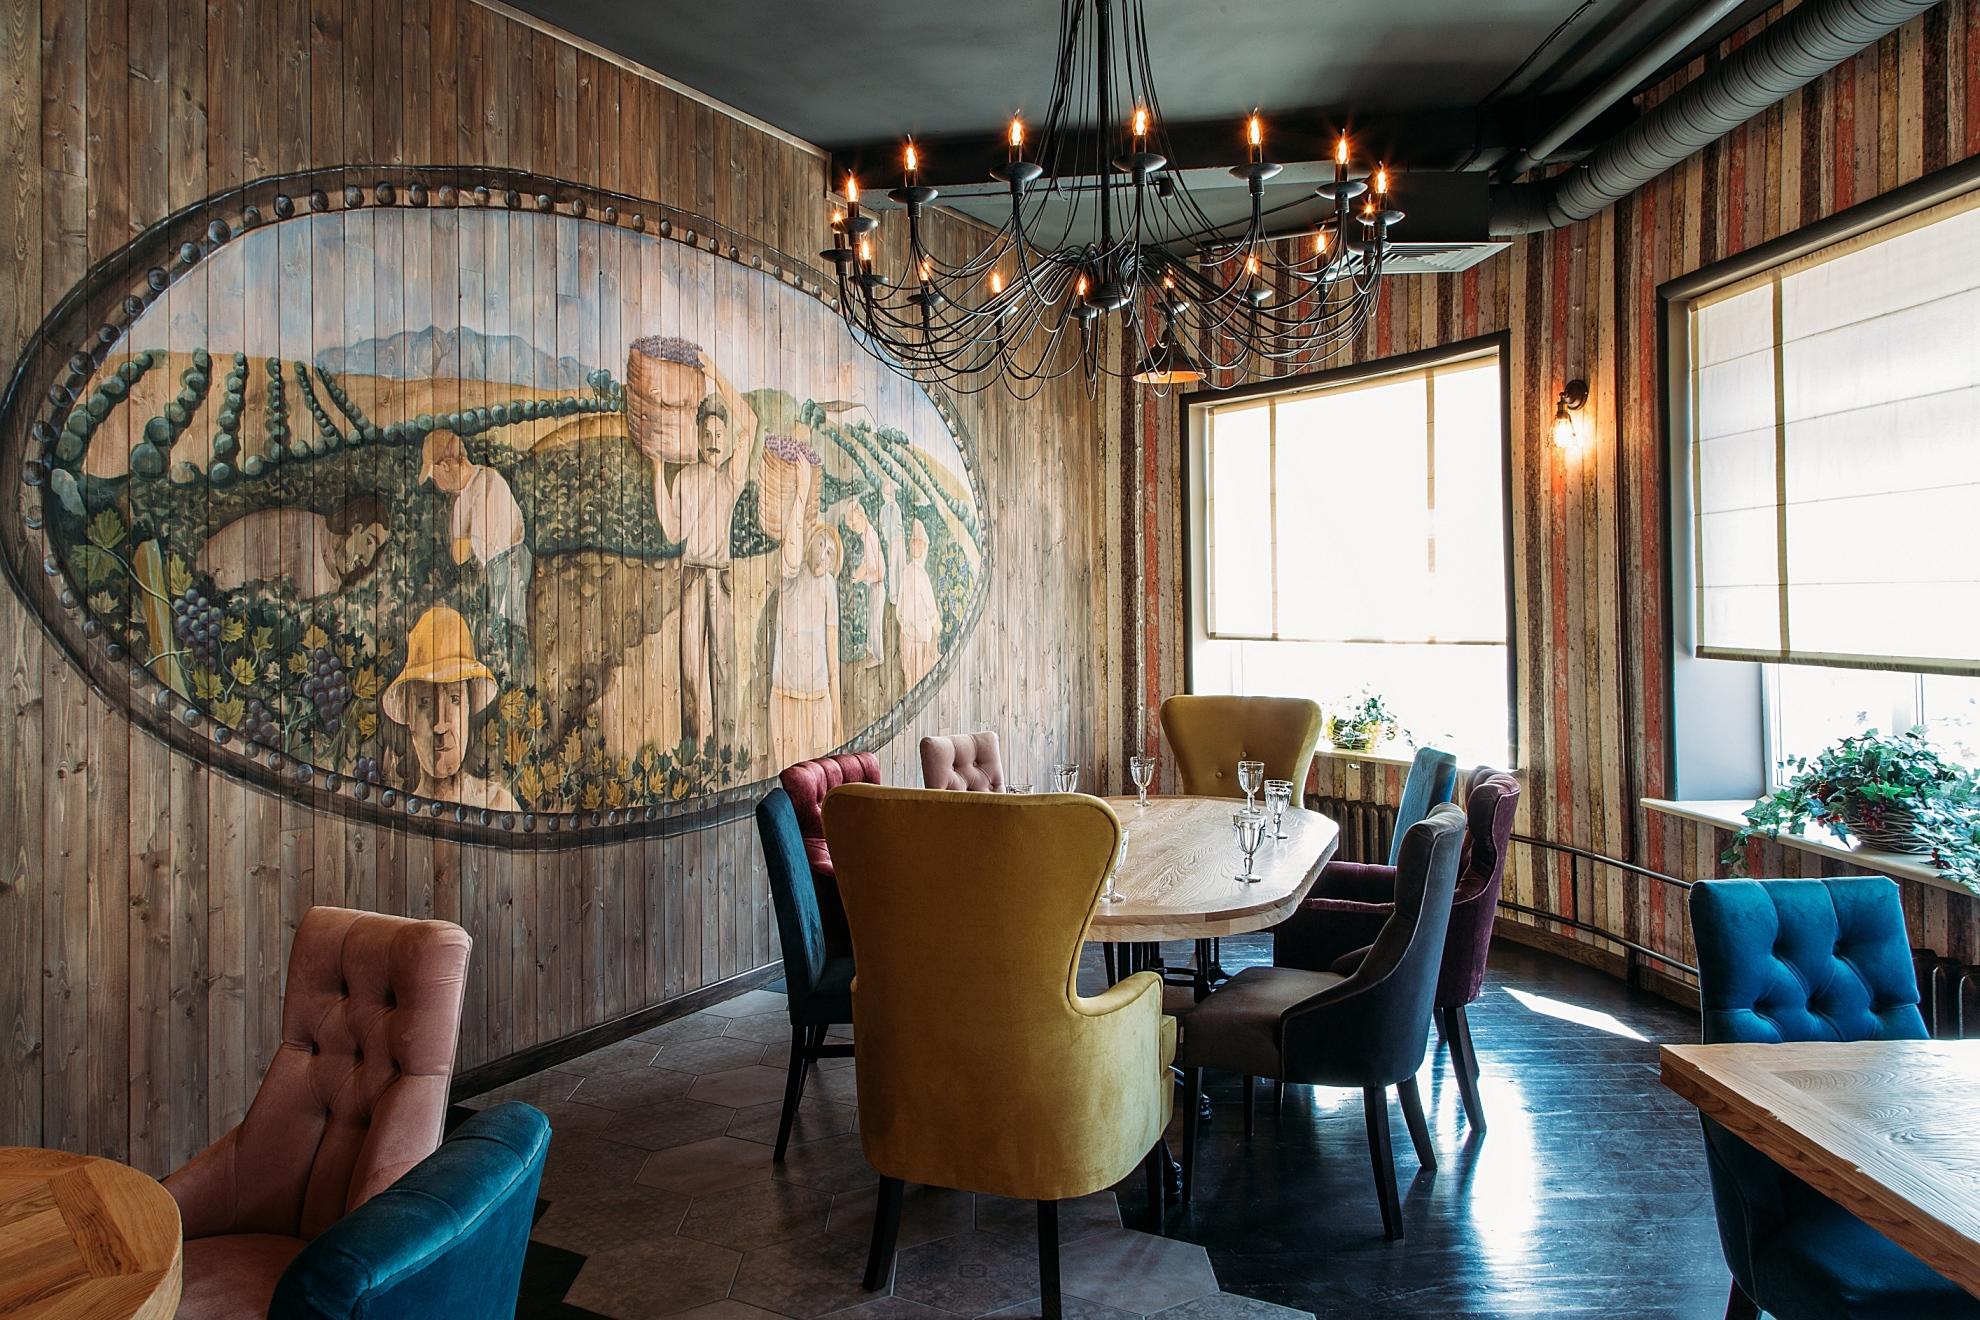 ресторан вавилон фото тольятти